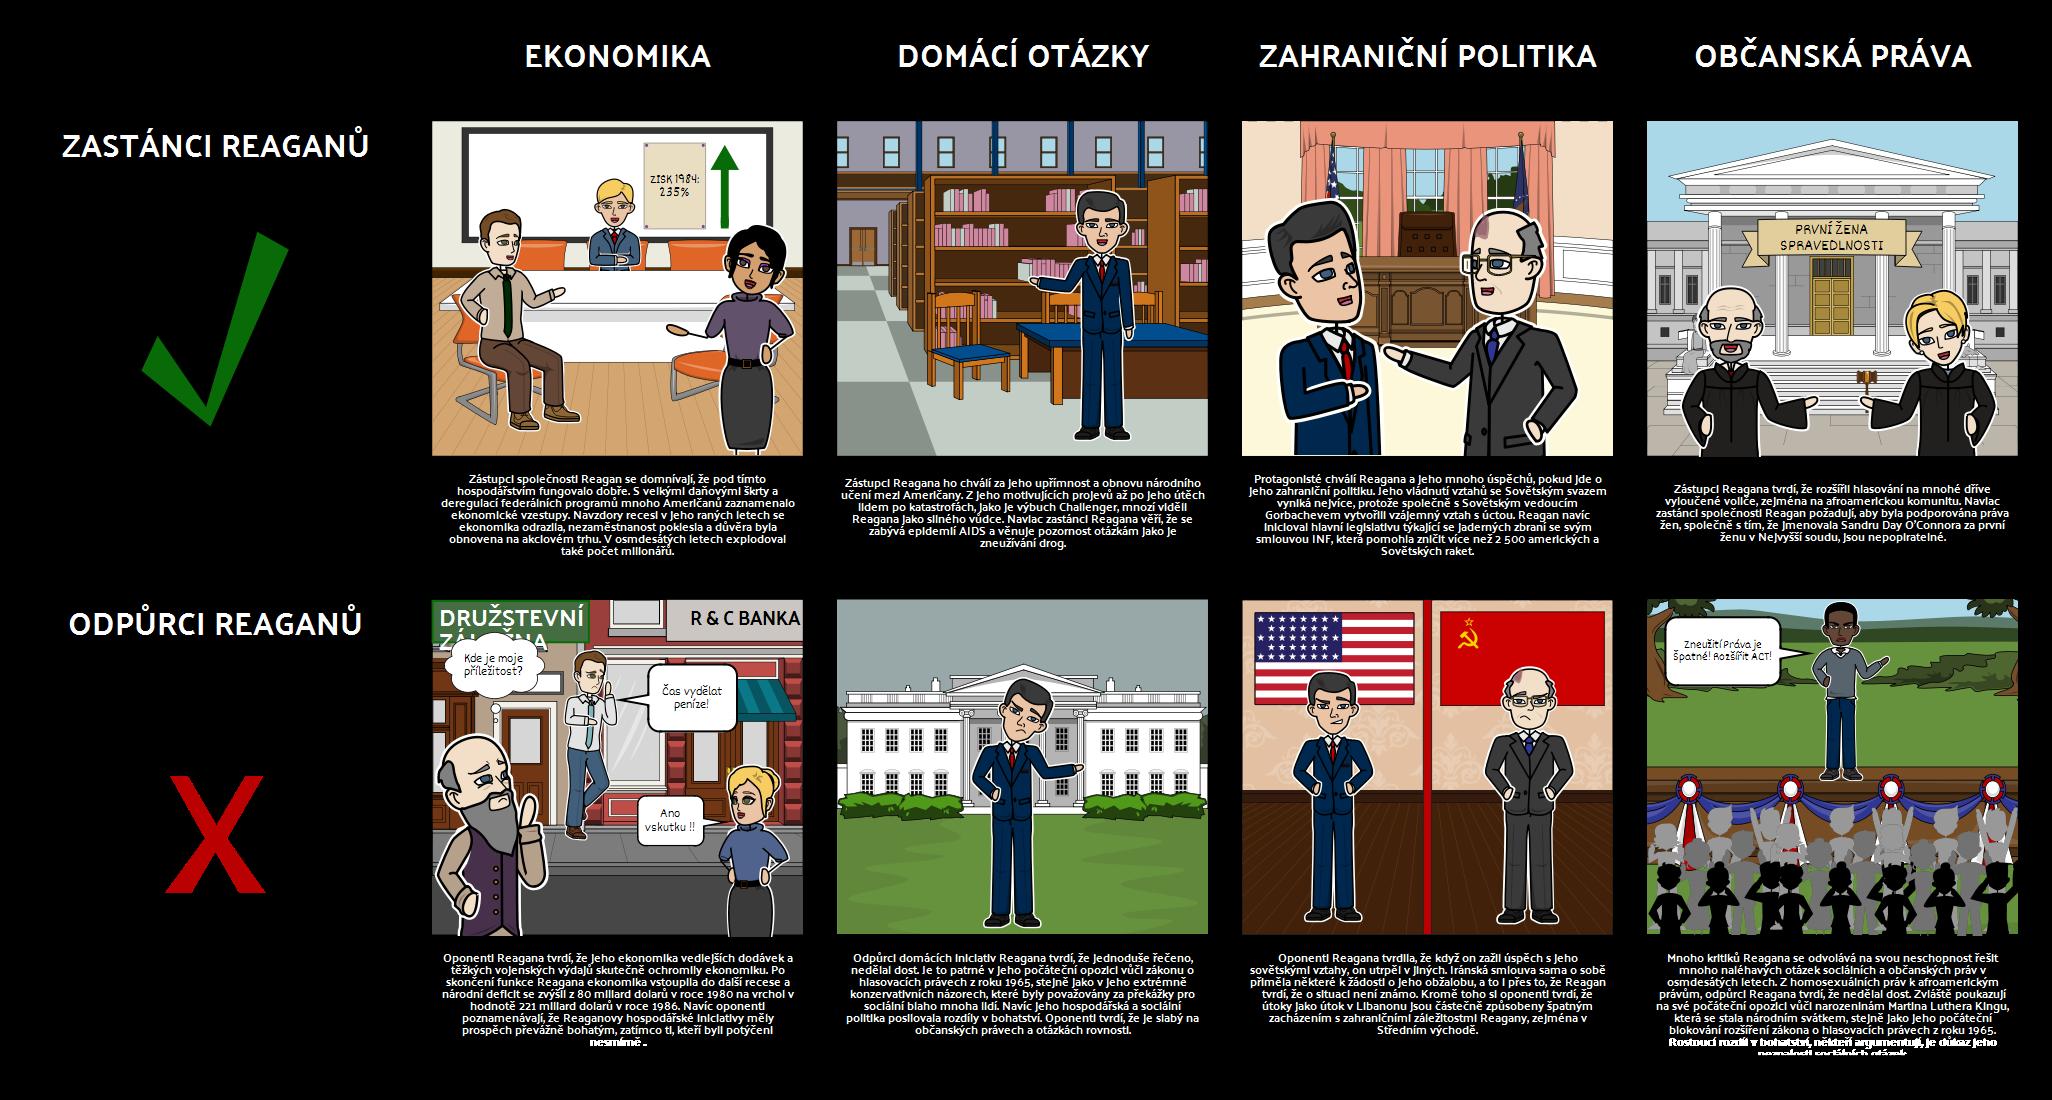 Reagan Předsednictví - Zastánce a Soupeř Viewpoints